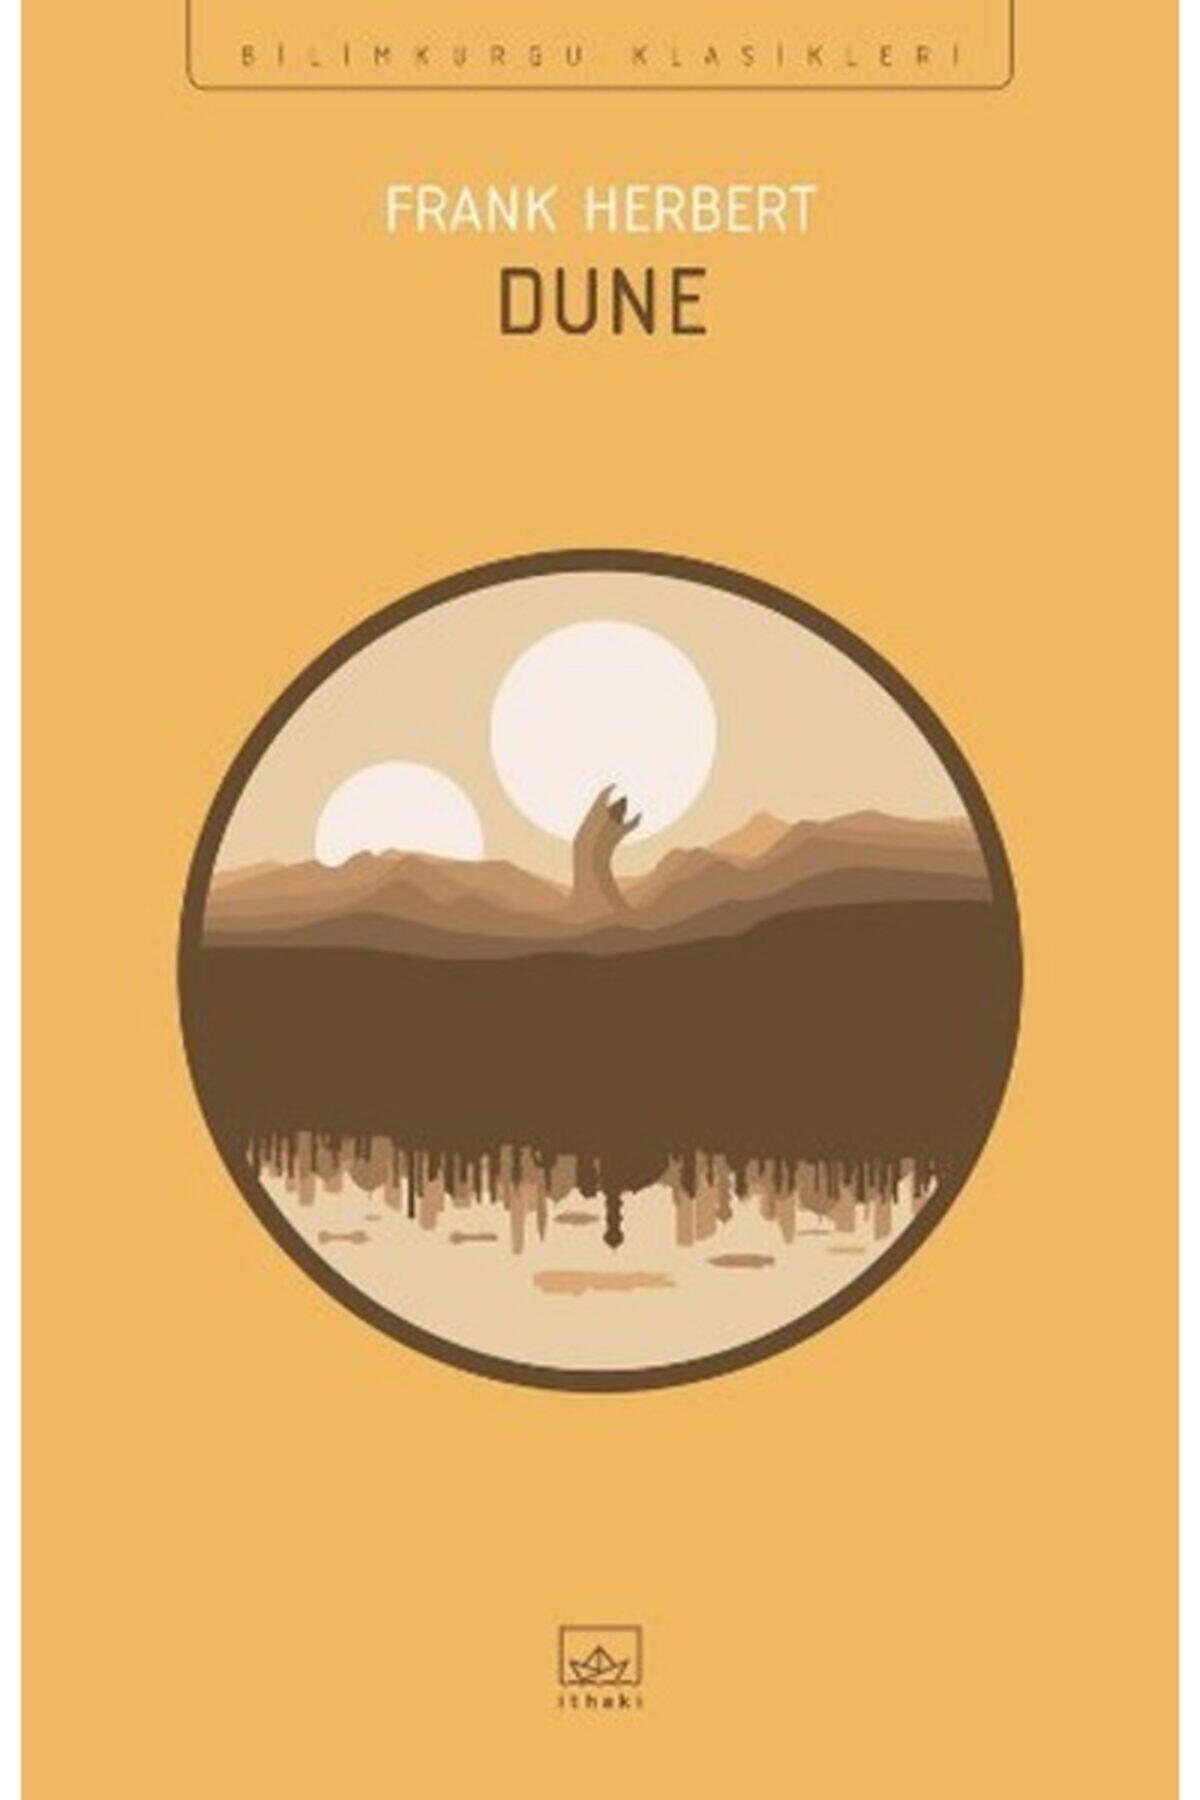 İthaki Yayınları 3'lü Set: Ben Kirke, Fahrenheit 451, Dune 2